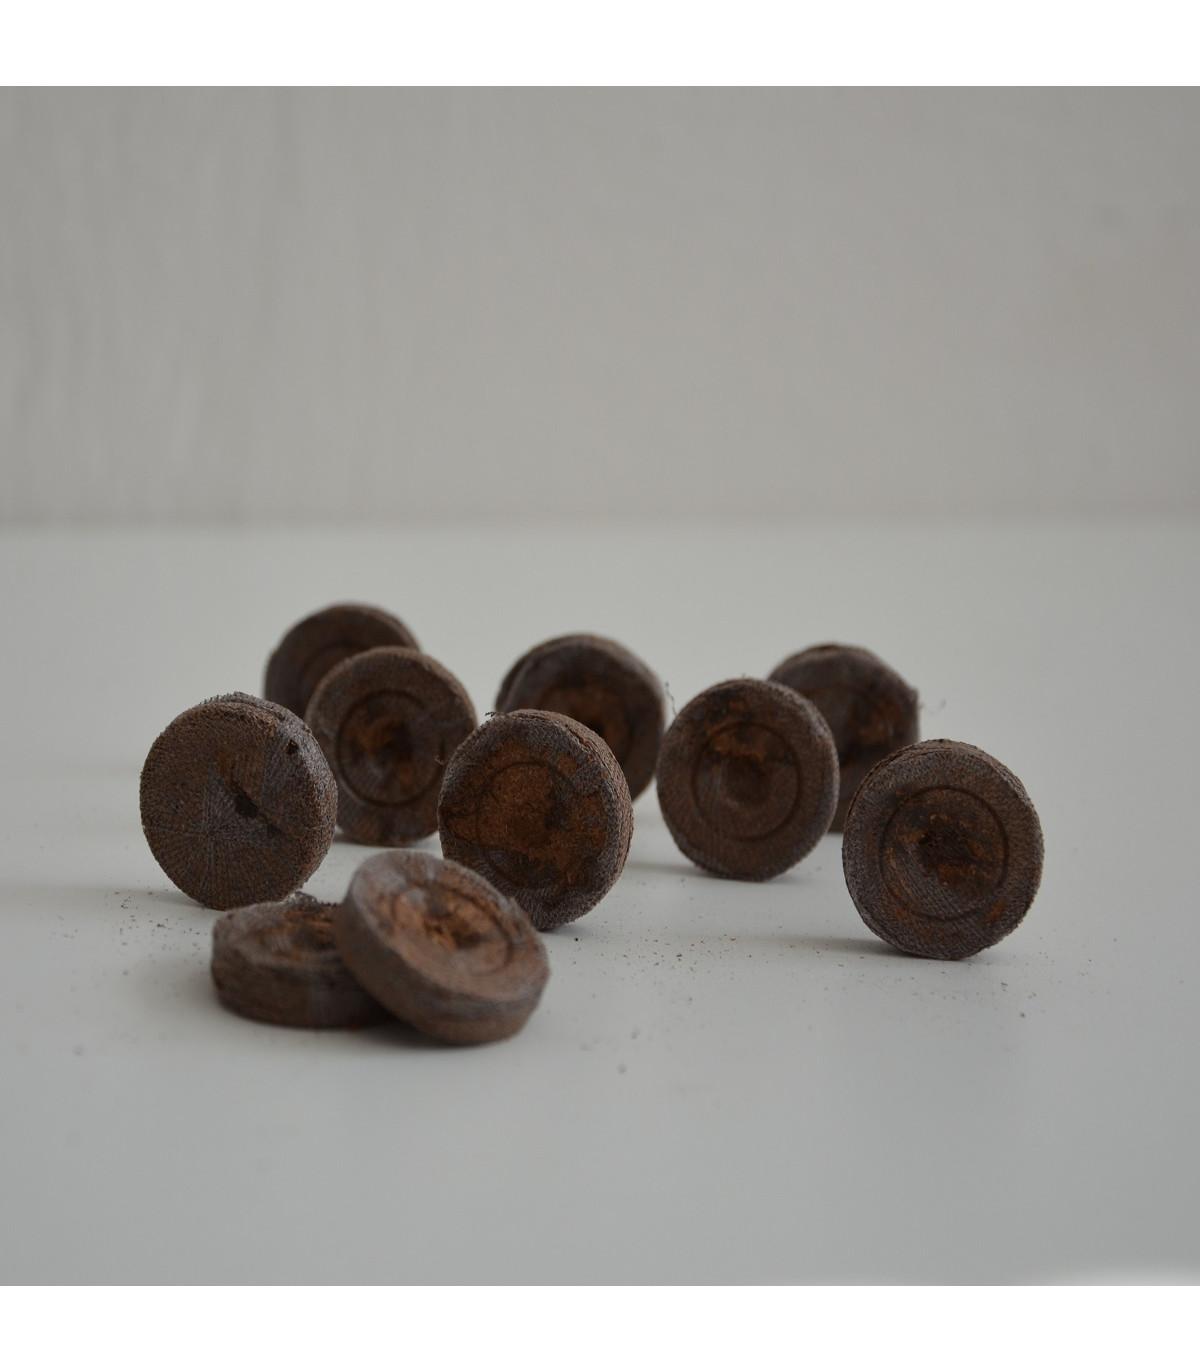 Sadbovací tablety - Jiffy - rašelinové zakořeňovače - vel. 24 mm